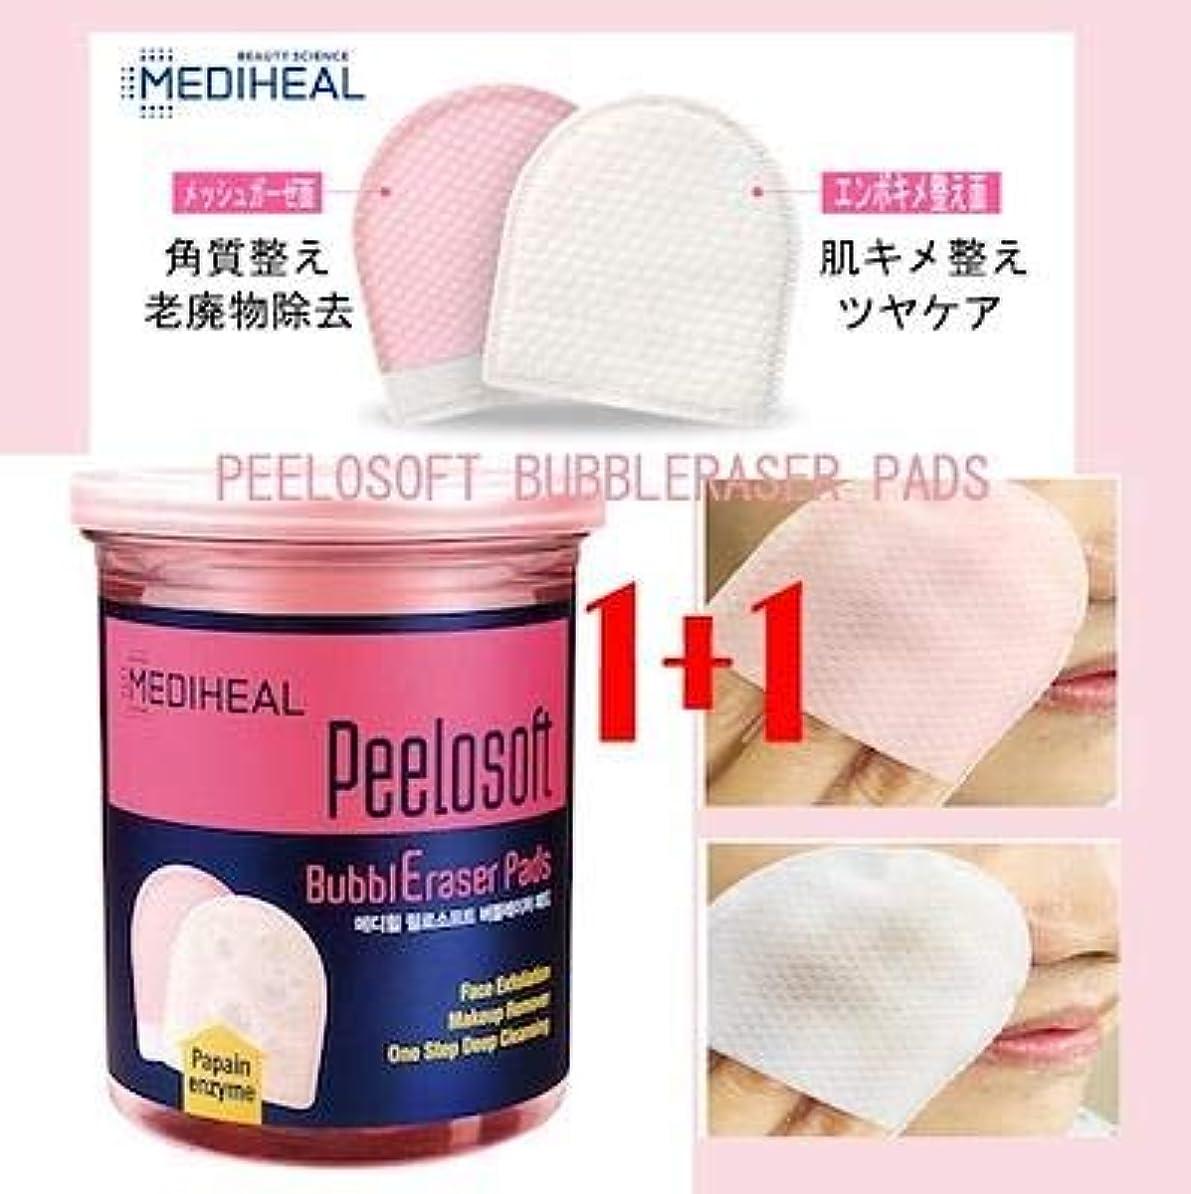 富幸運バンカー[MEDIHEAL] 1+1 メディヒール Peelosoft BubblEraser Pads ピローソフト バブルレーザー パッド [20枚+ 20枚]